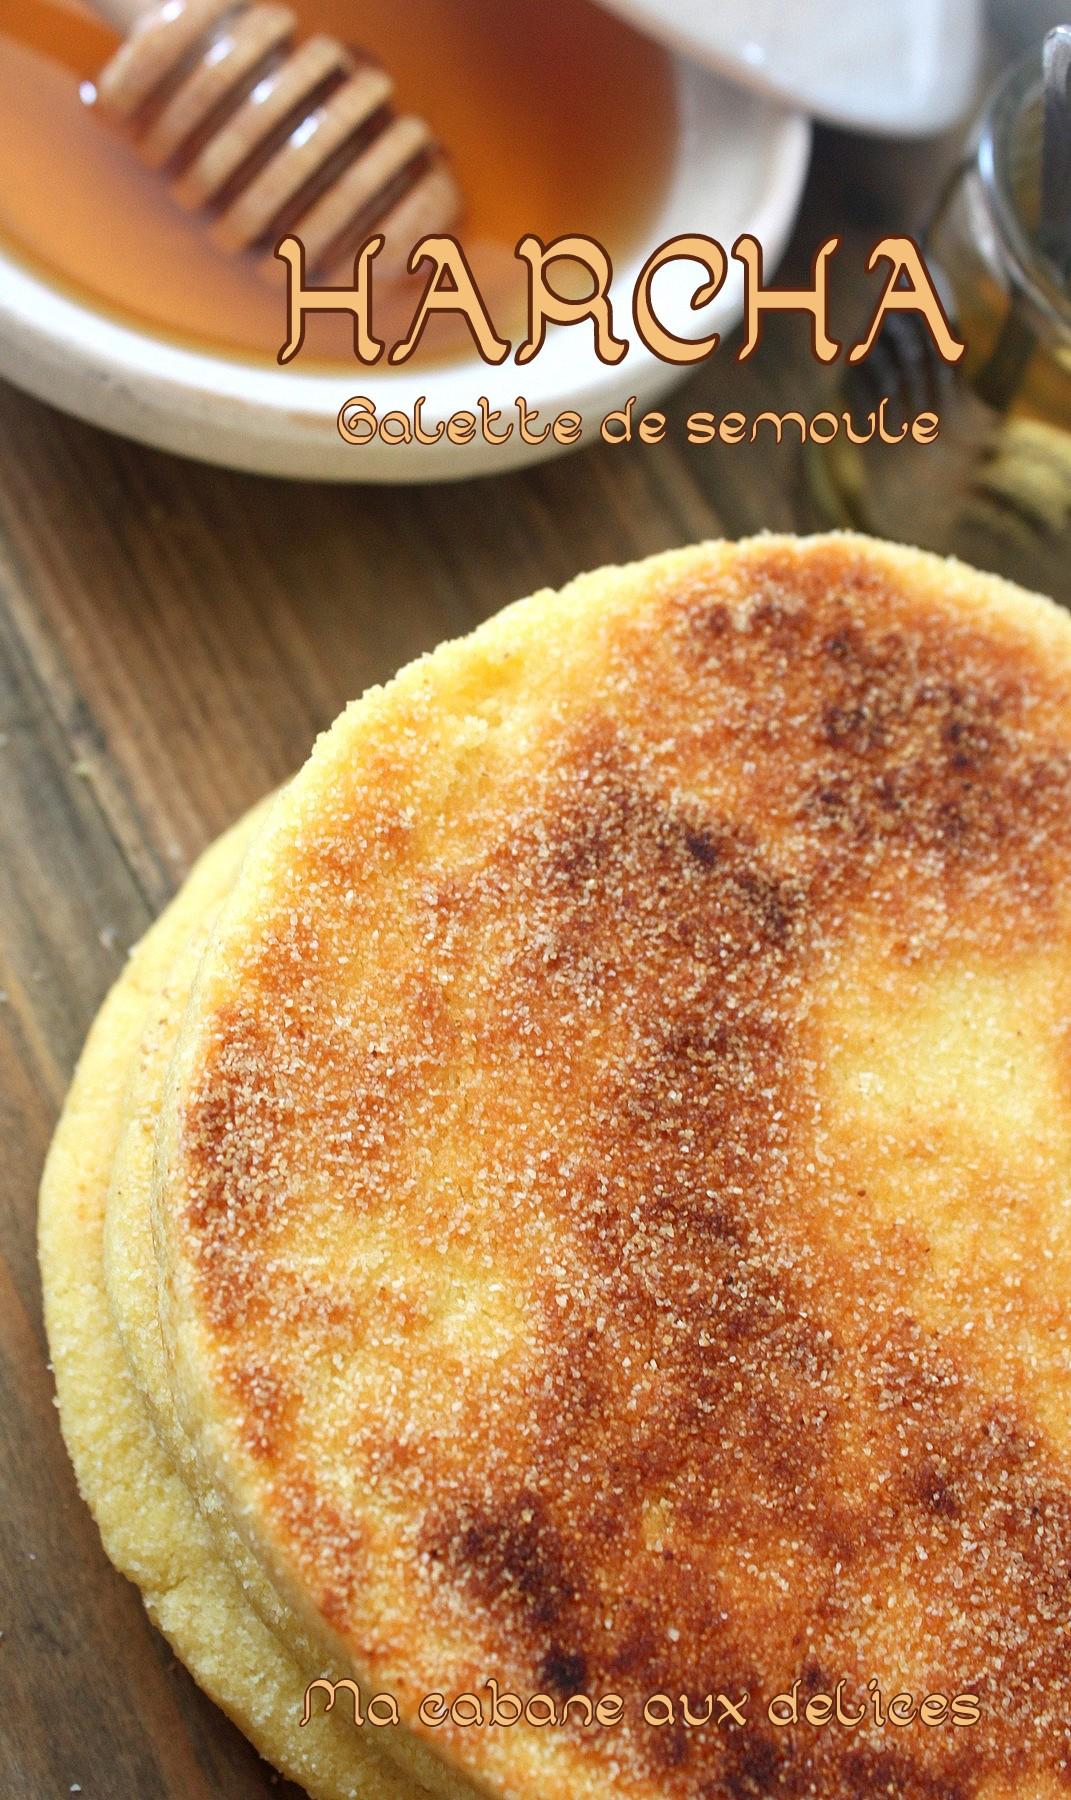 Harcha galette de semoule marocaine  La cuisine de Djouza